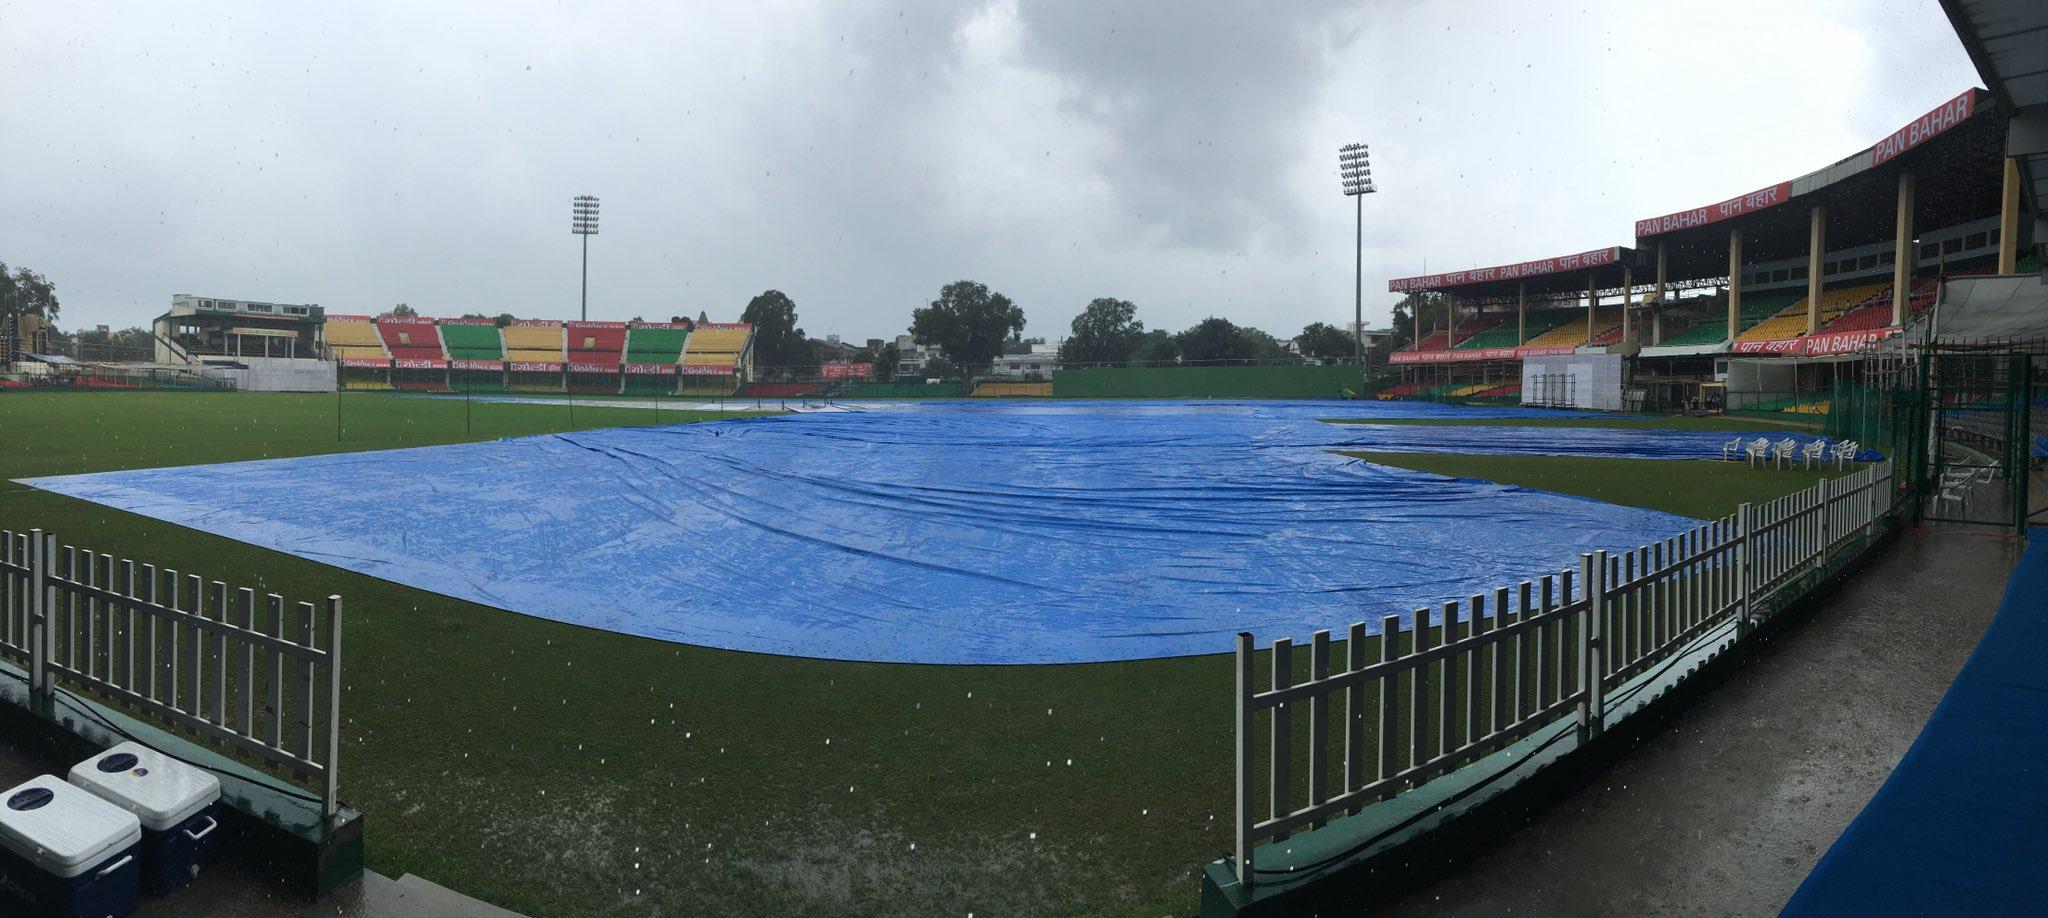 कानपुर टेस्ट : बारिश के कारण नहीं हो सका चायकाल के बाद का खेल 3